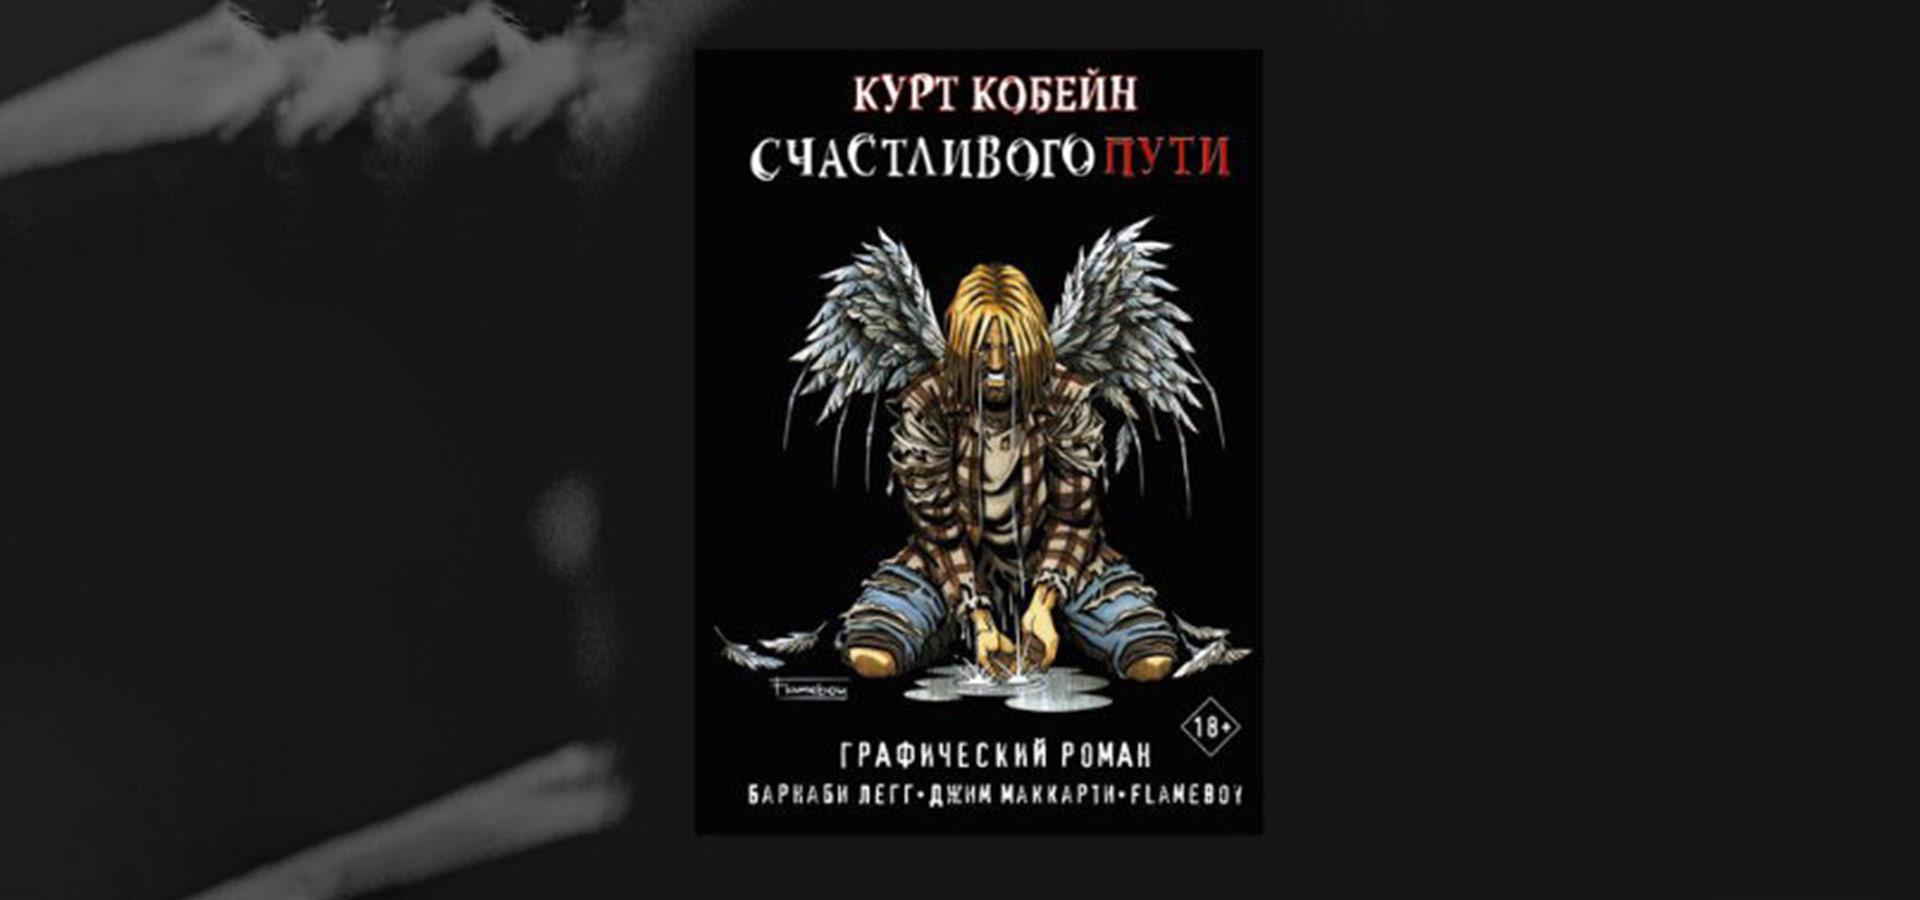 Биография Курта Кобейна выйдет в России в день рождения музыканта